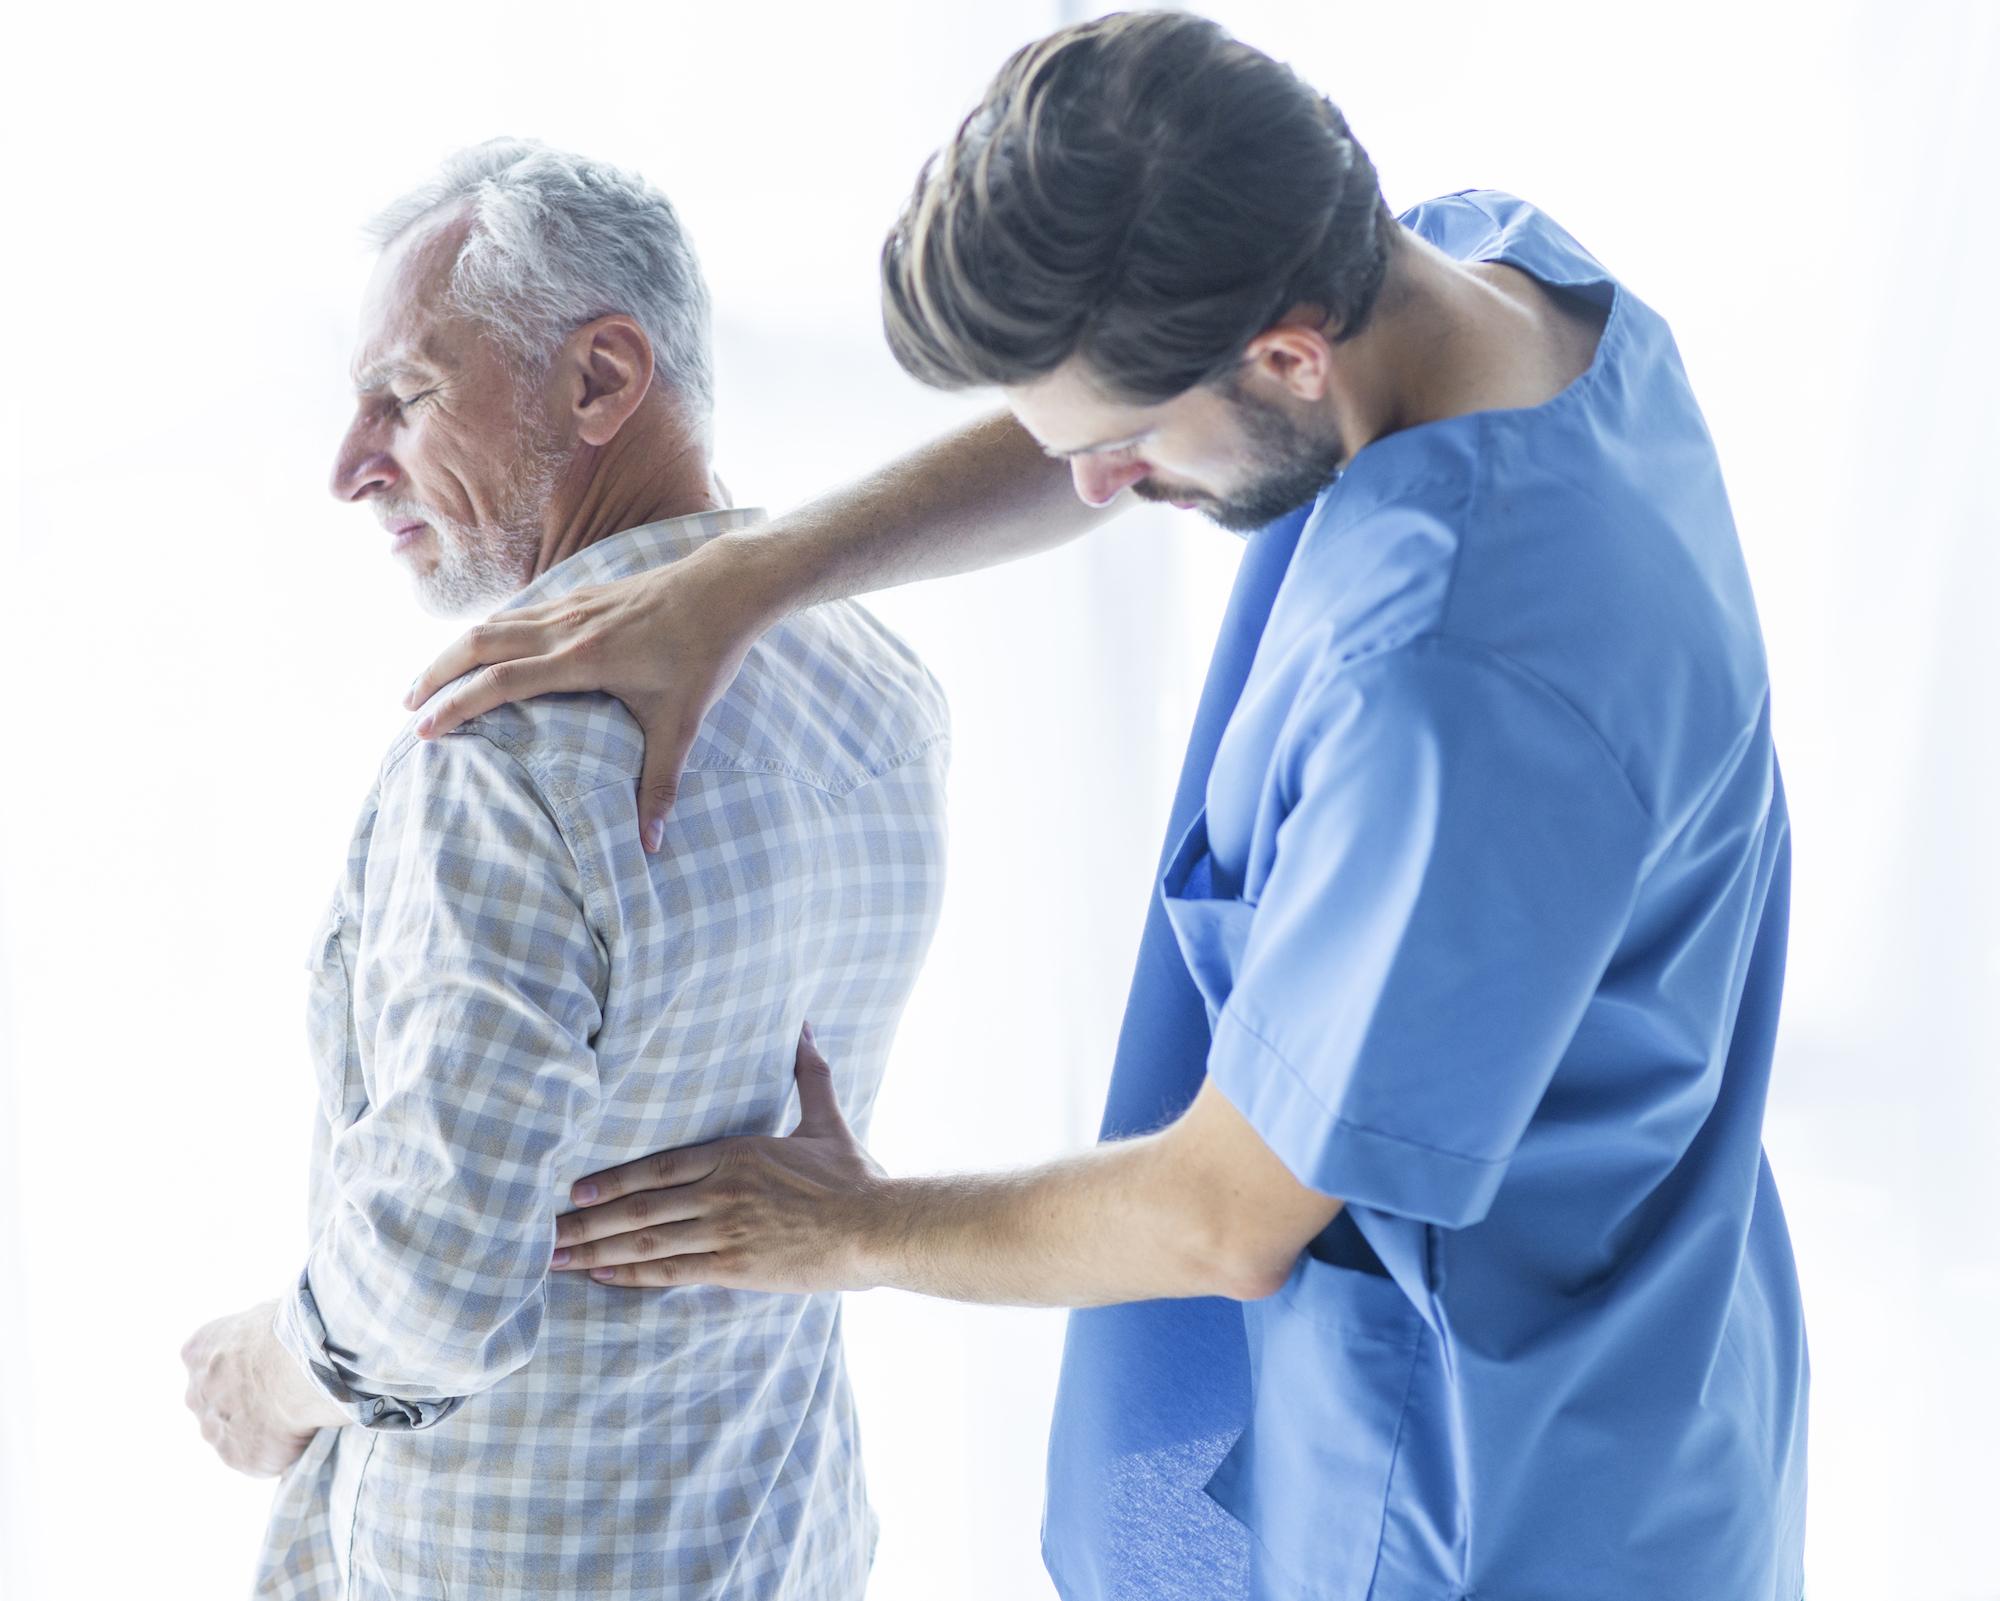 térdízület törése elmozdulási kezelés nélkül